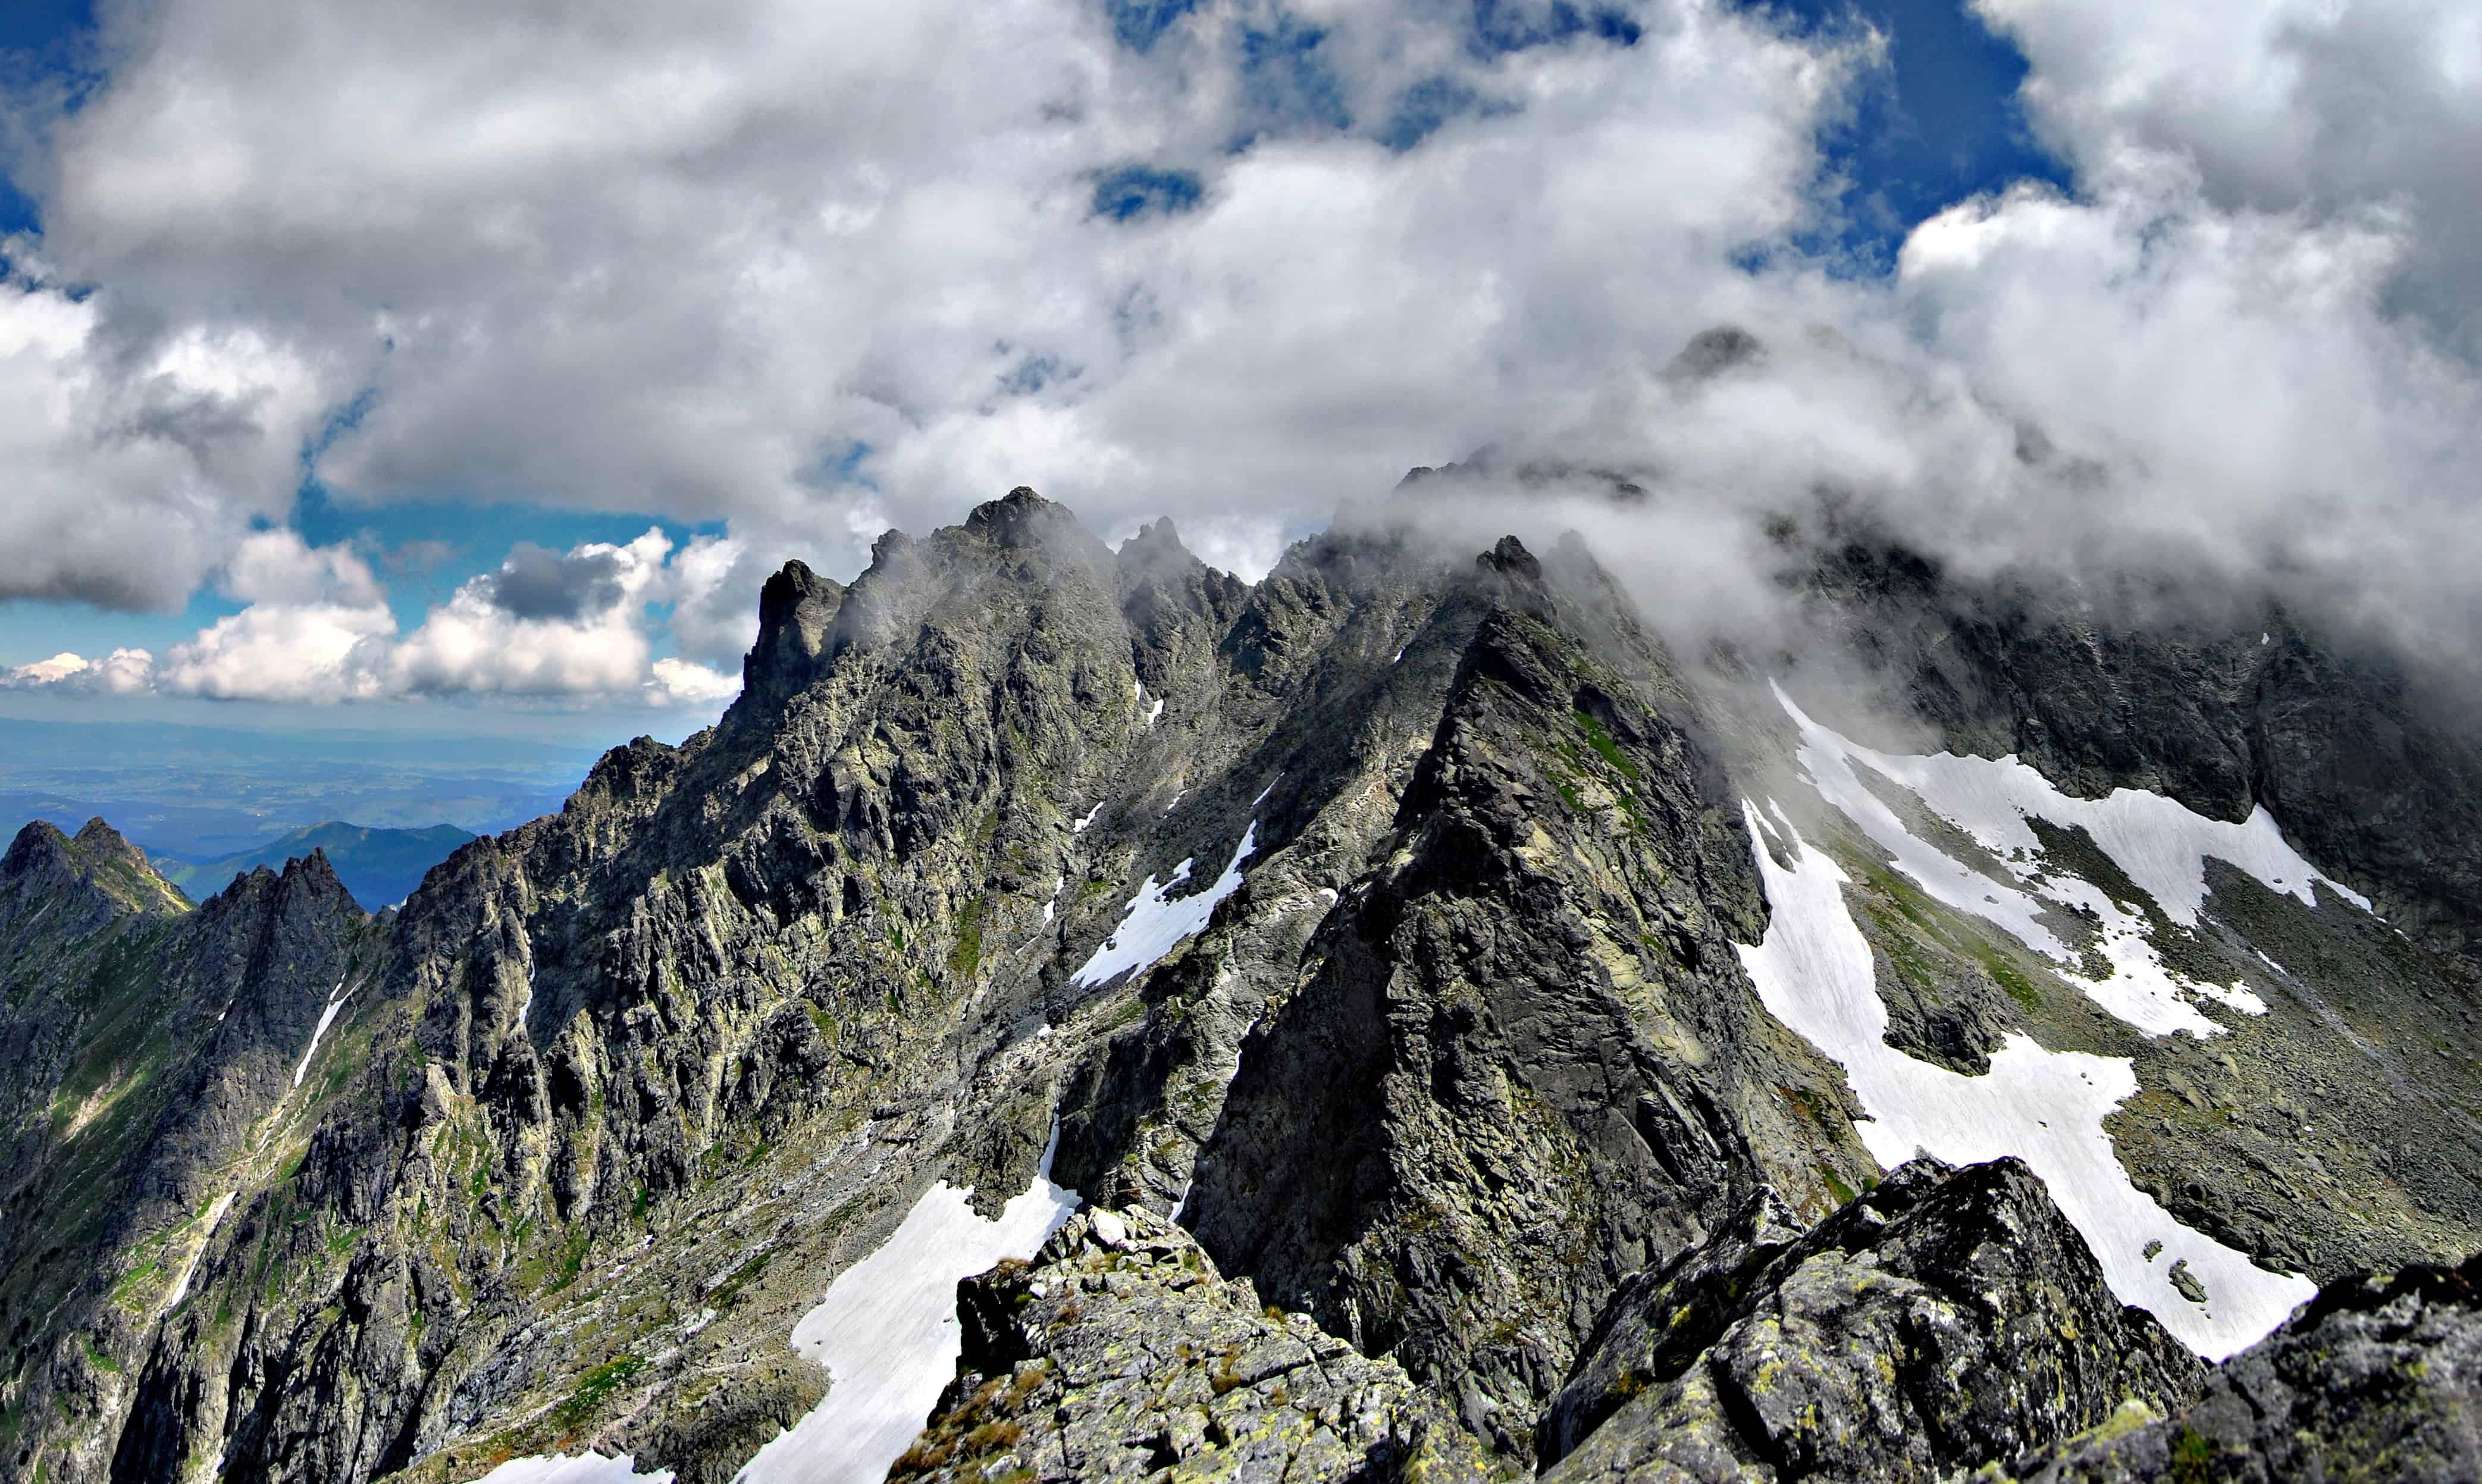 К чему снятся горы — к проблемам или возможностям